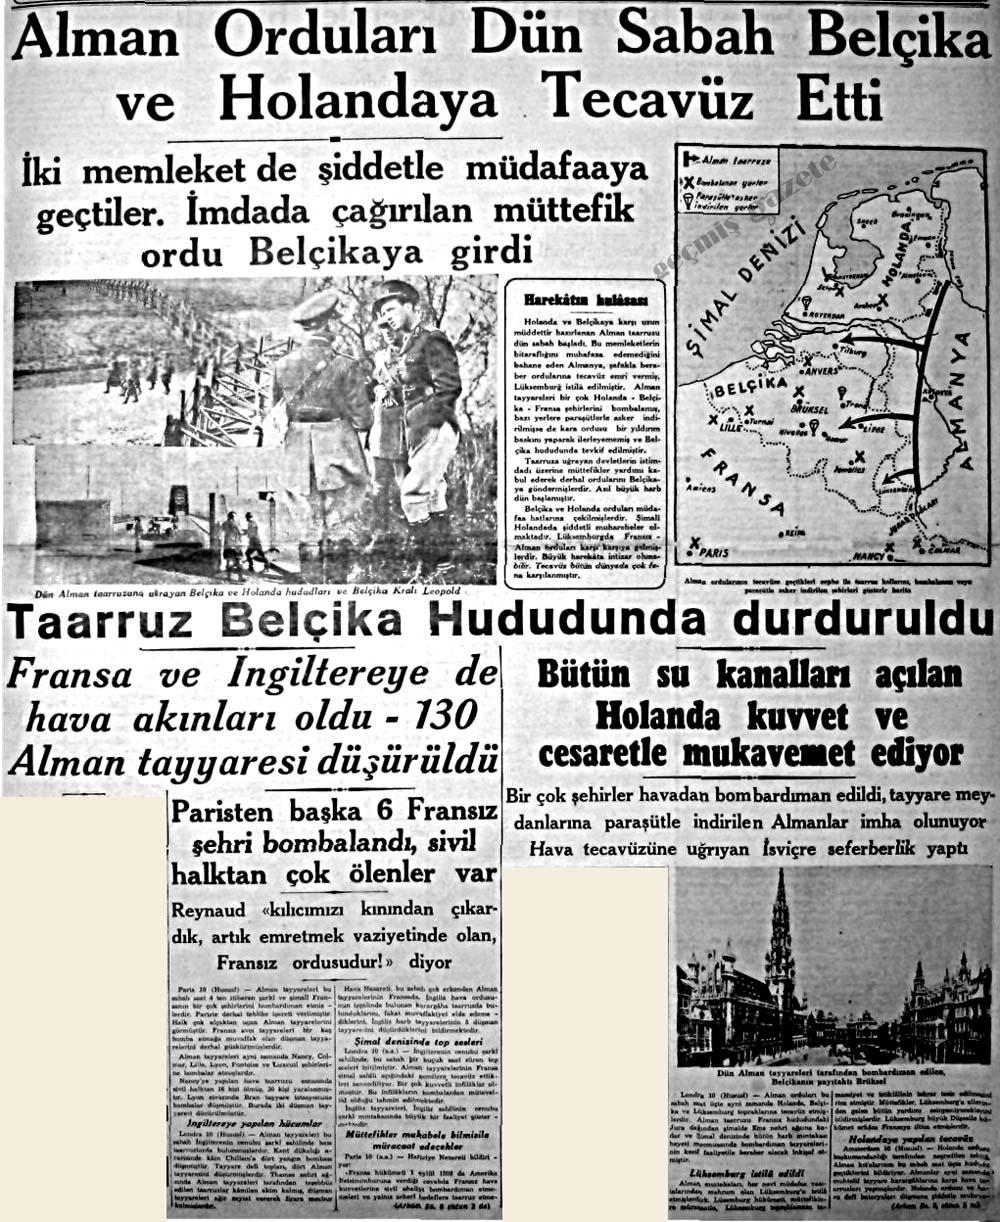 Alman Orduları Dün Sabah Belçika ve Holandaya Tecavüz Etti